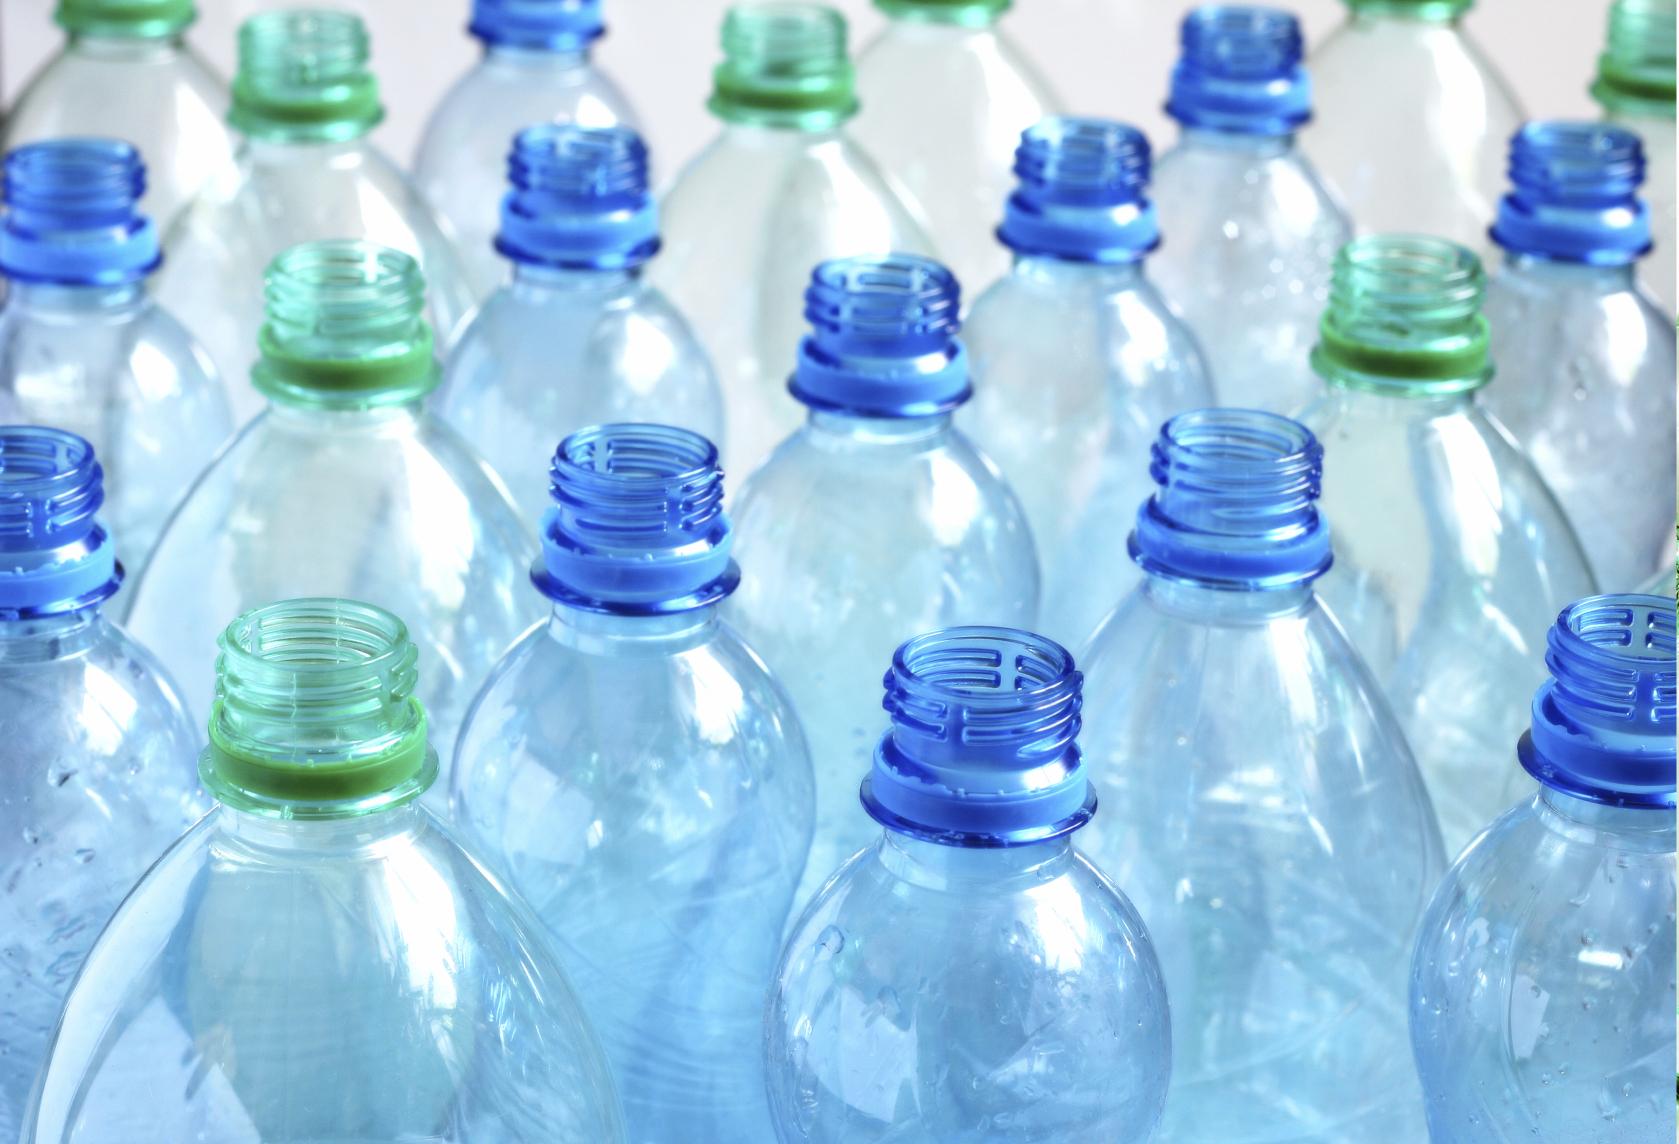 Is het echt ongezond om plastic waterflesjes opnieuw te vullen?